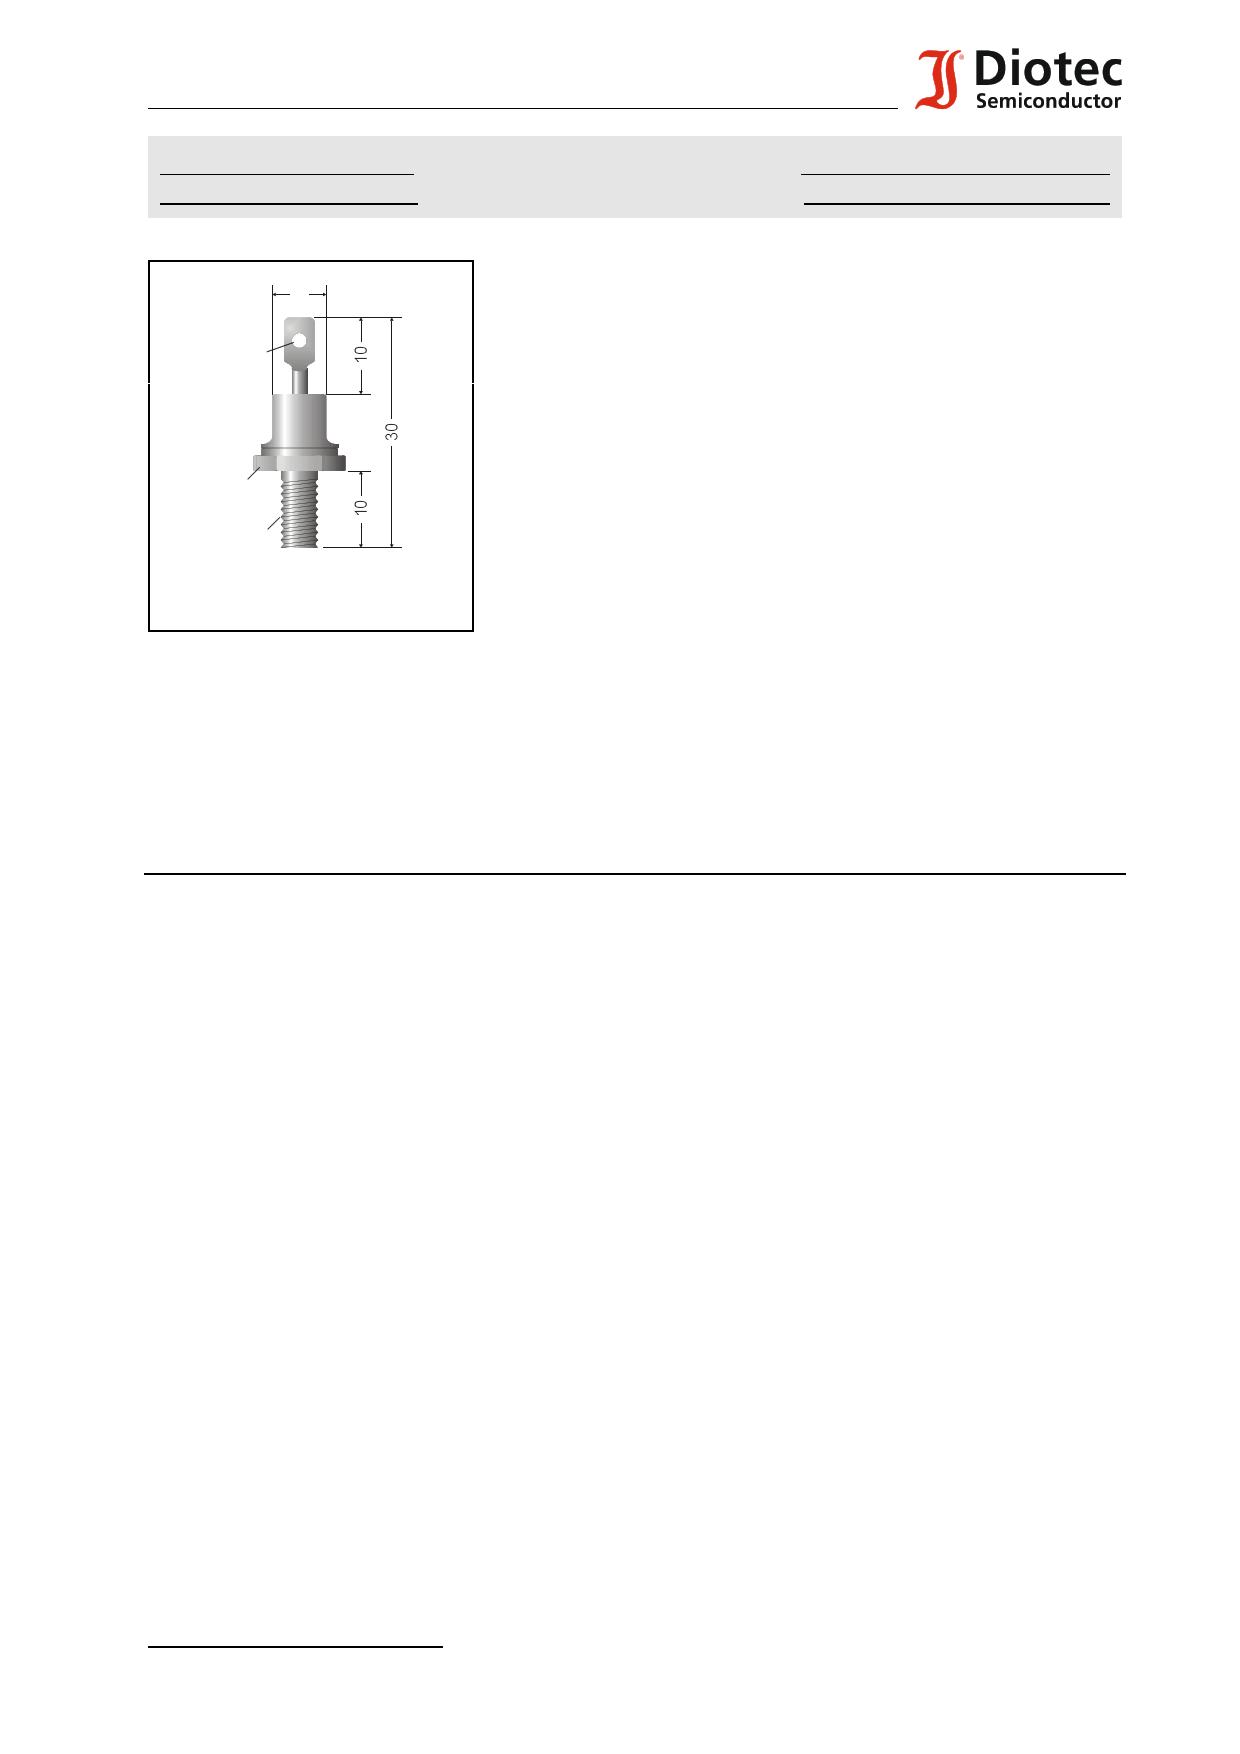 ZX4.3 datasheet